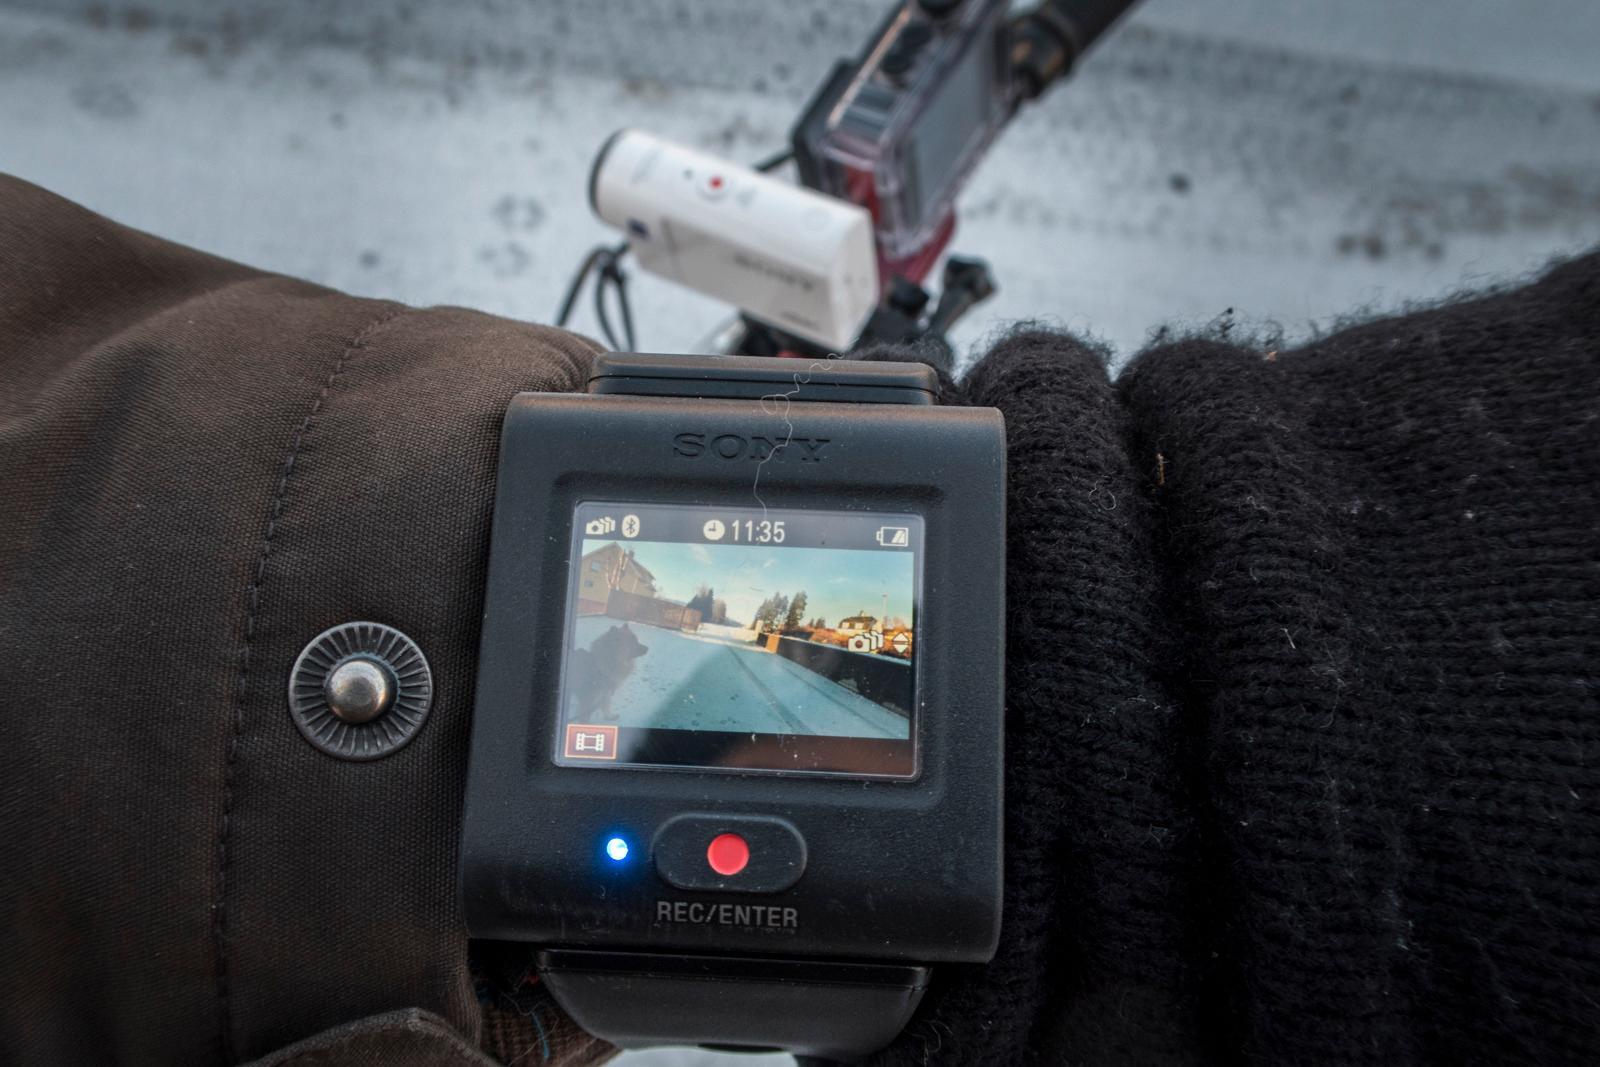 Også når det kommer til skjermen synes vi Sony har en kjempefin løsning, i form av en fjernkontroll med skjerm.